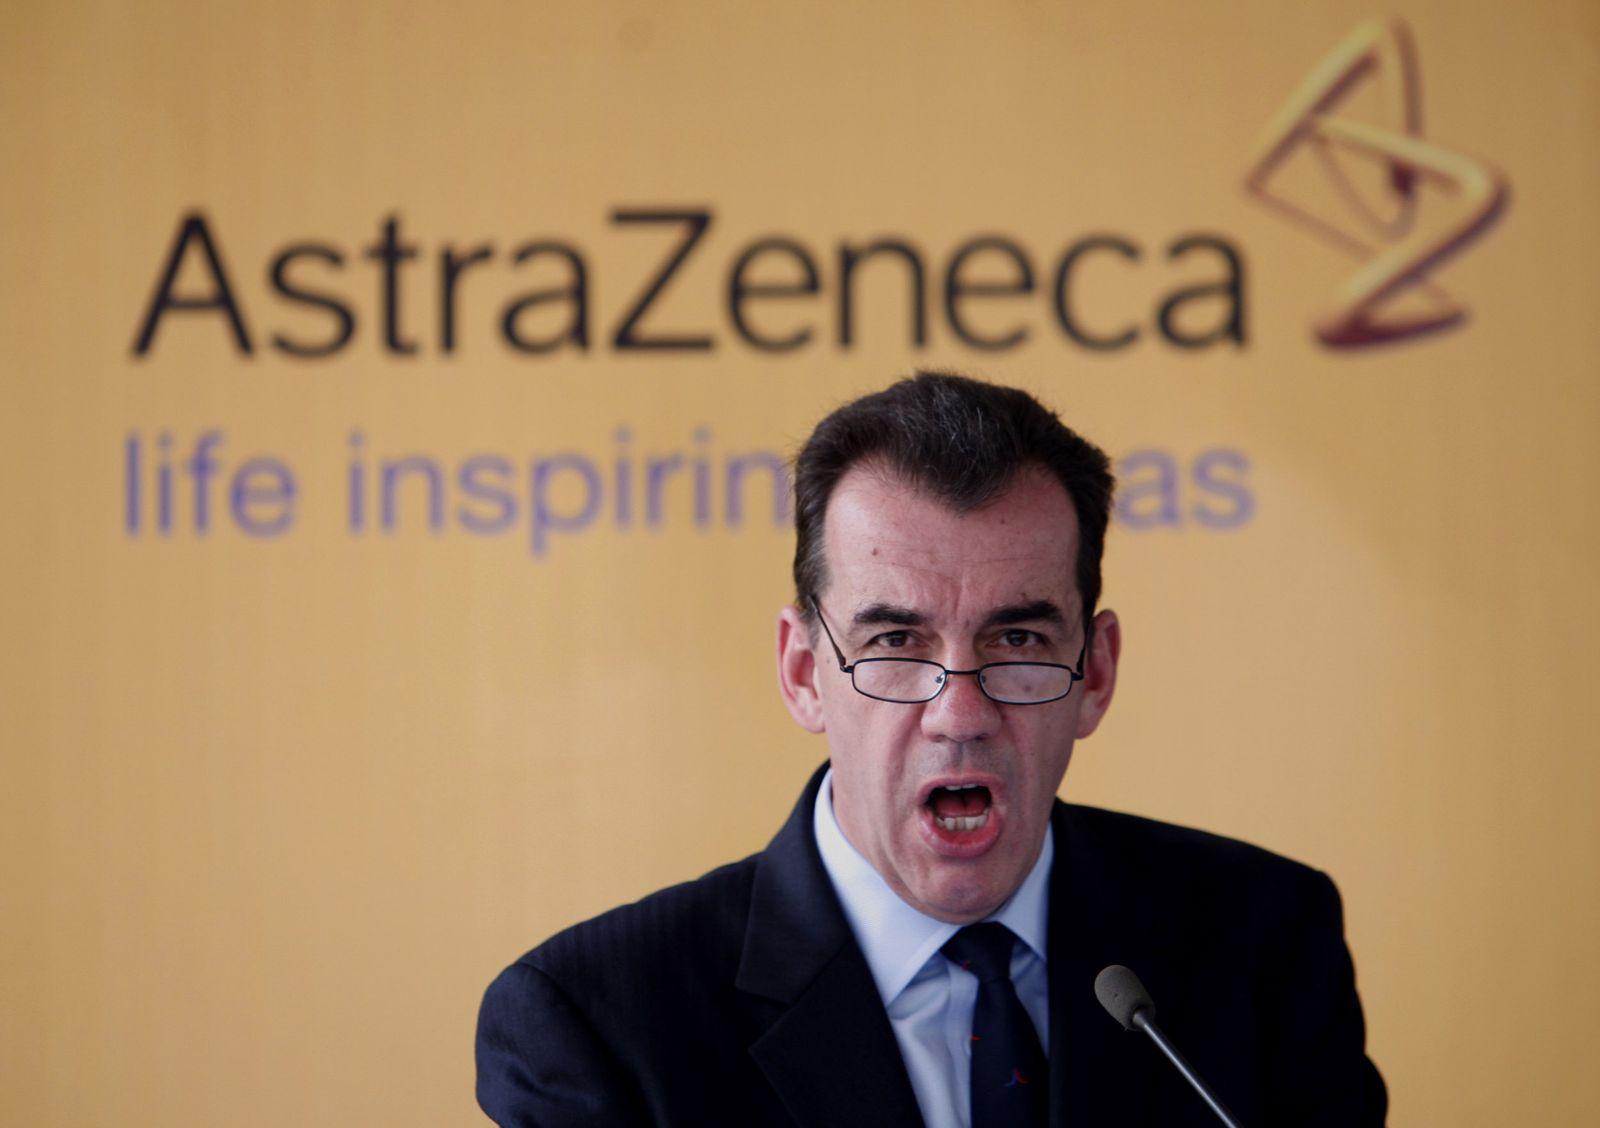 AstraZeneca / David Brennan / LOGO